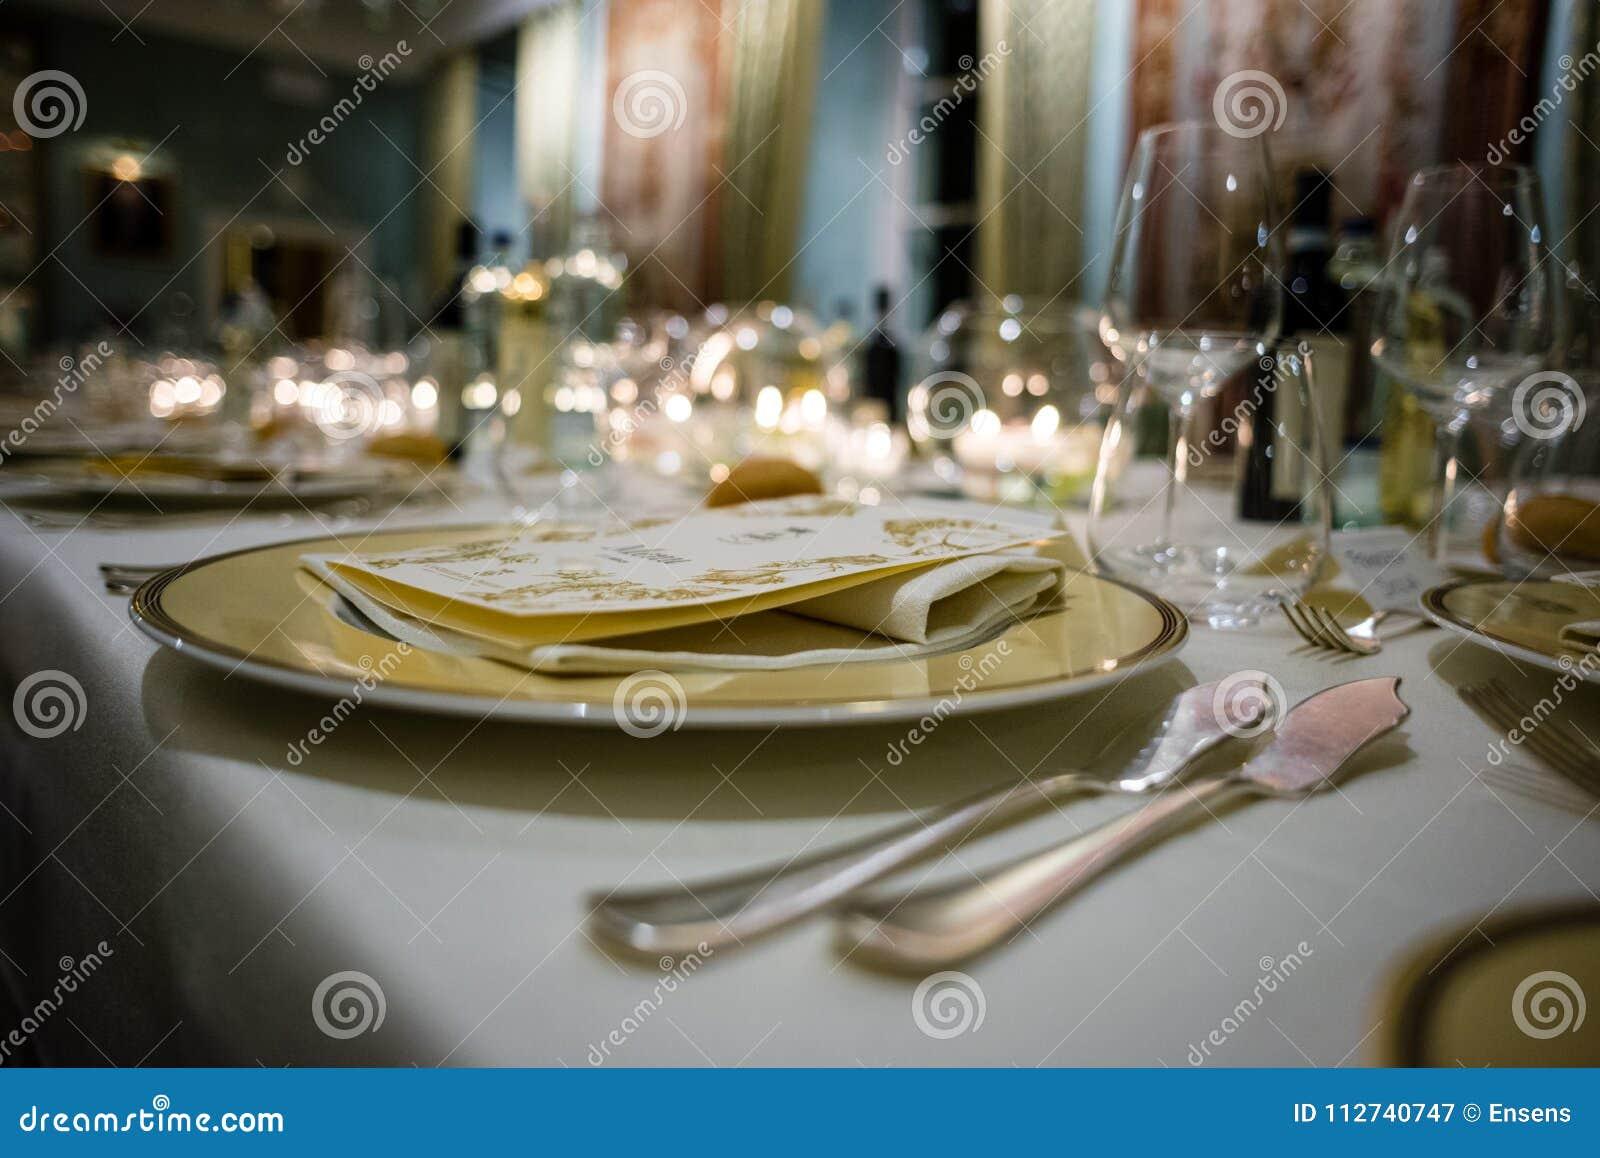 Tabelle in einem Luxusrestaurant, Satz für ein Festbankett